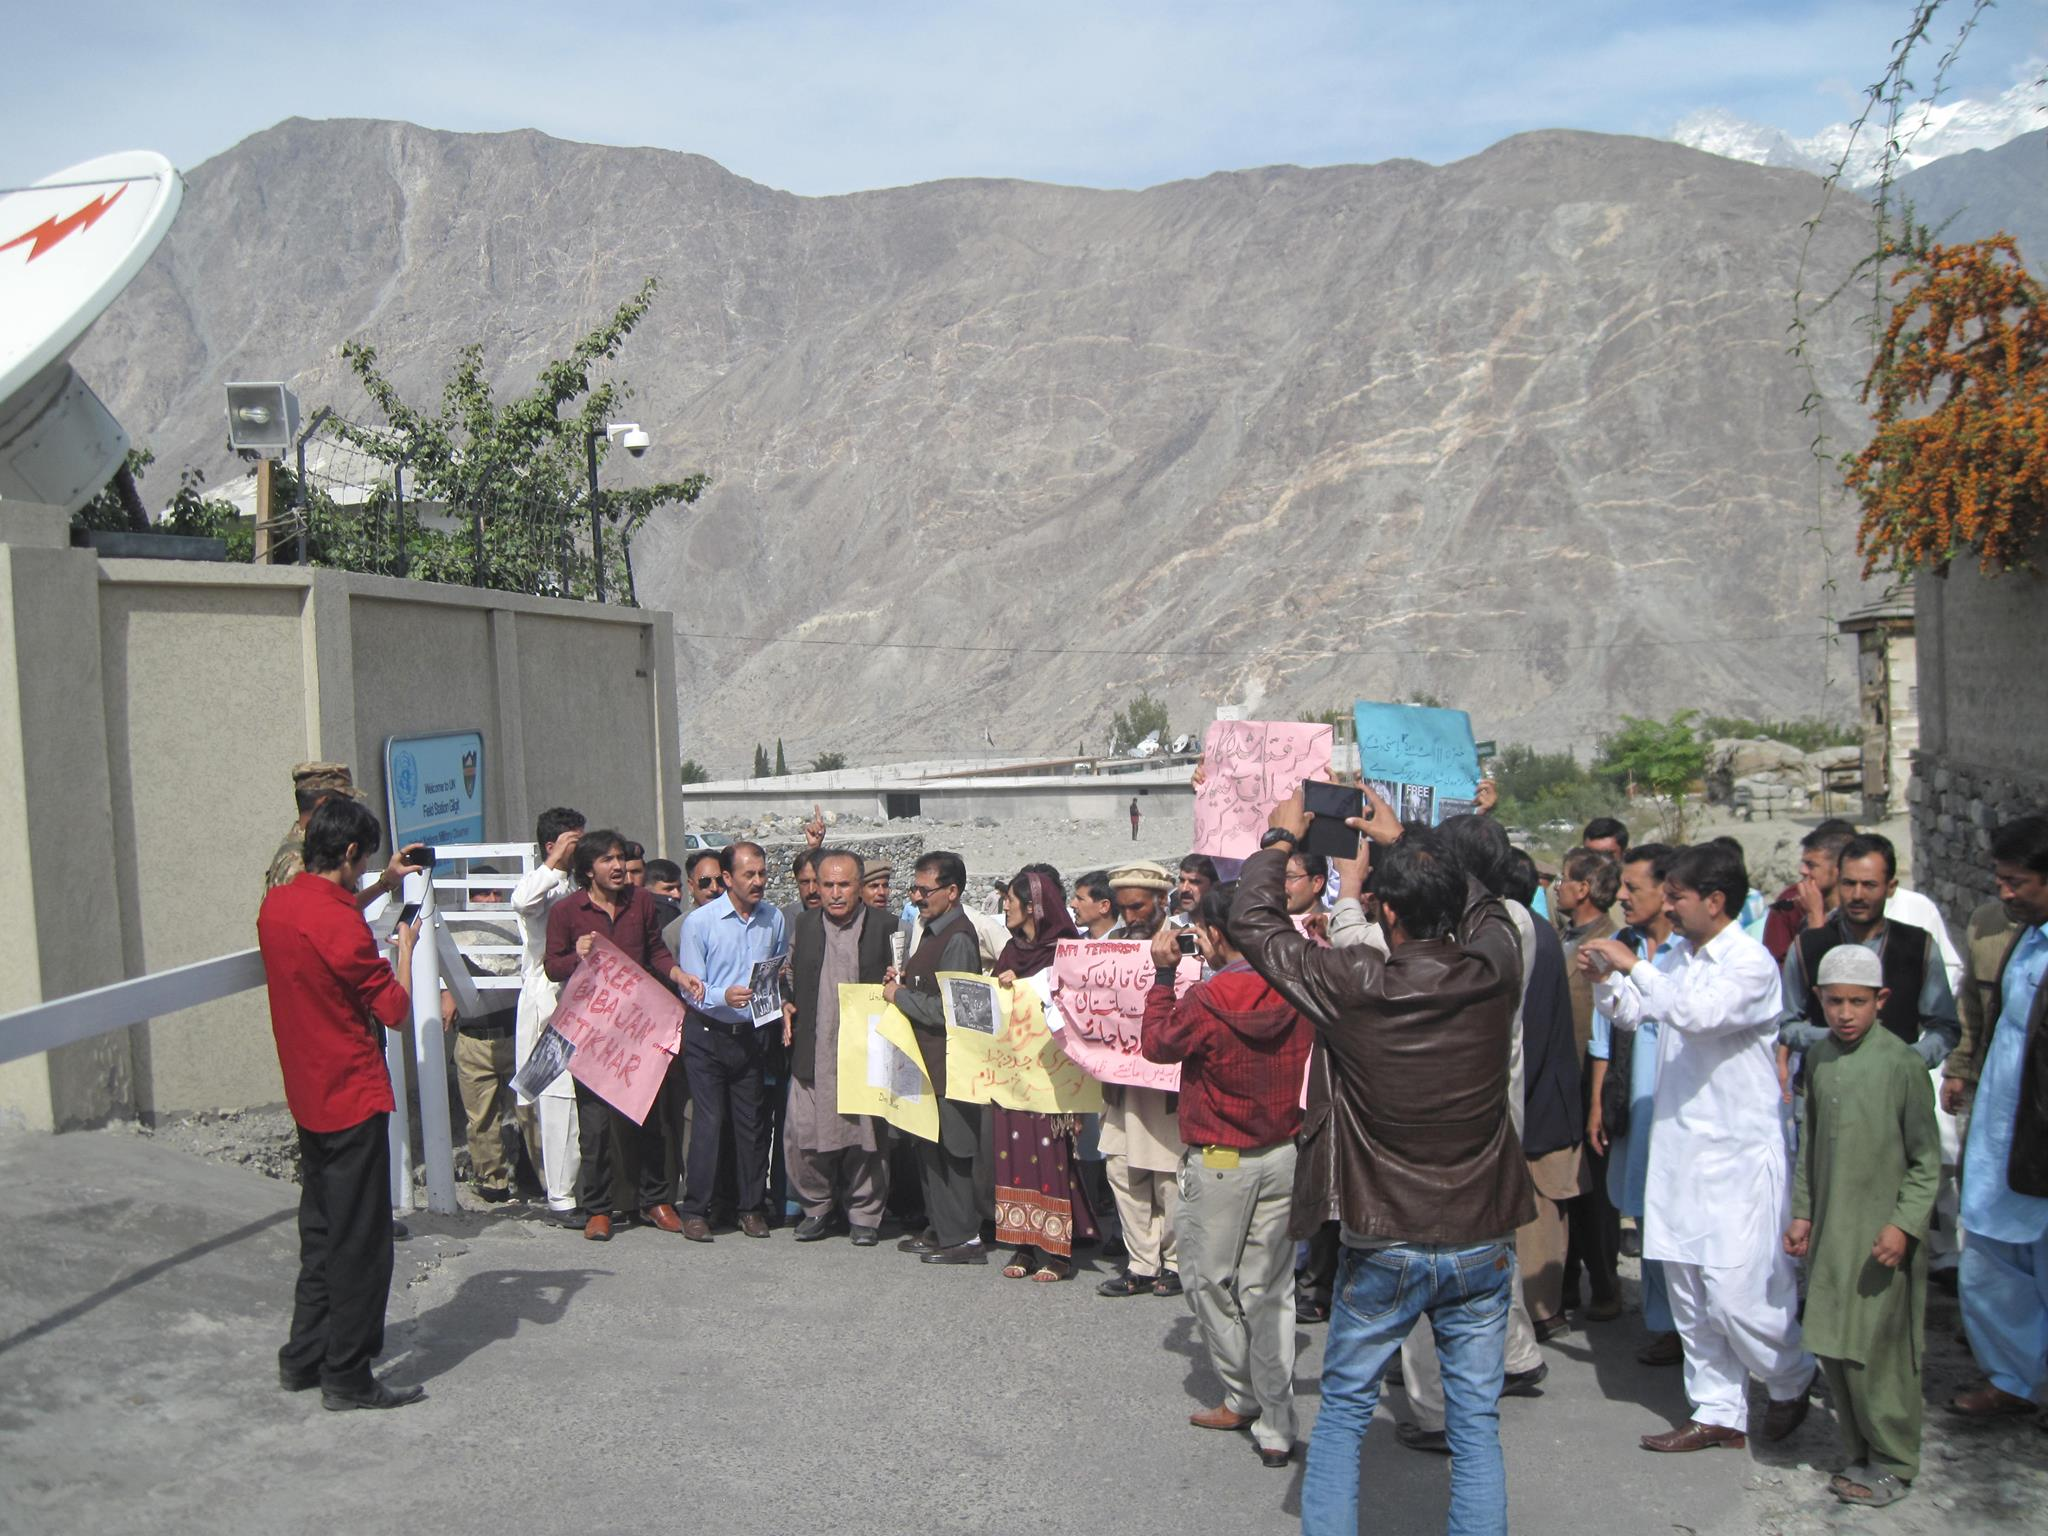 گلگت انتظامیہ نے ۹(نو) سیاسی اور انسانی حقوق کارکنوں کے خلاف مقدمات درج کر لئے